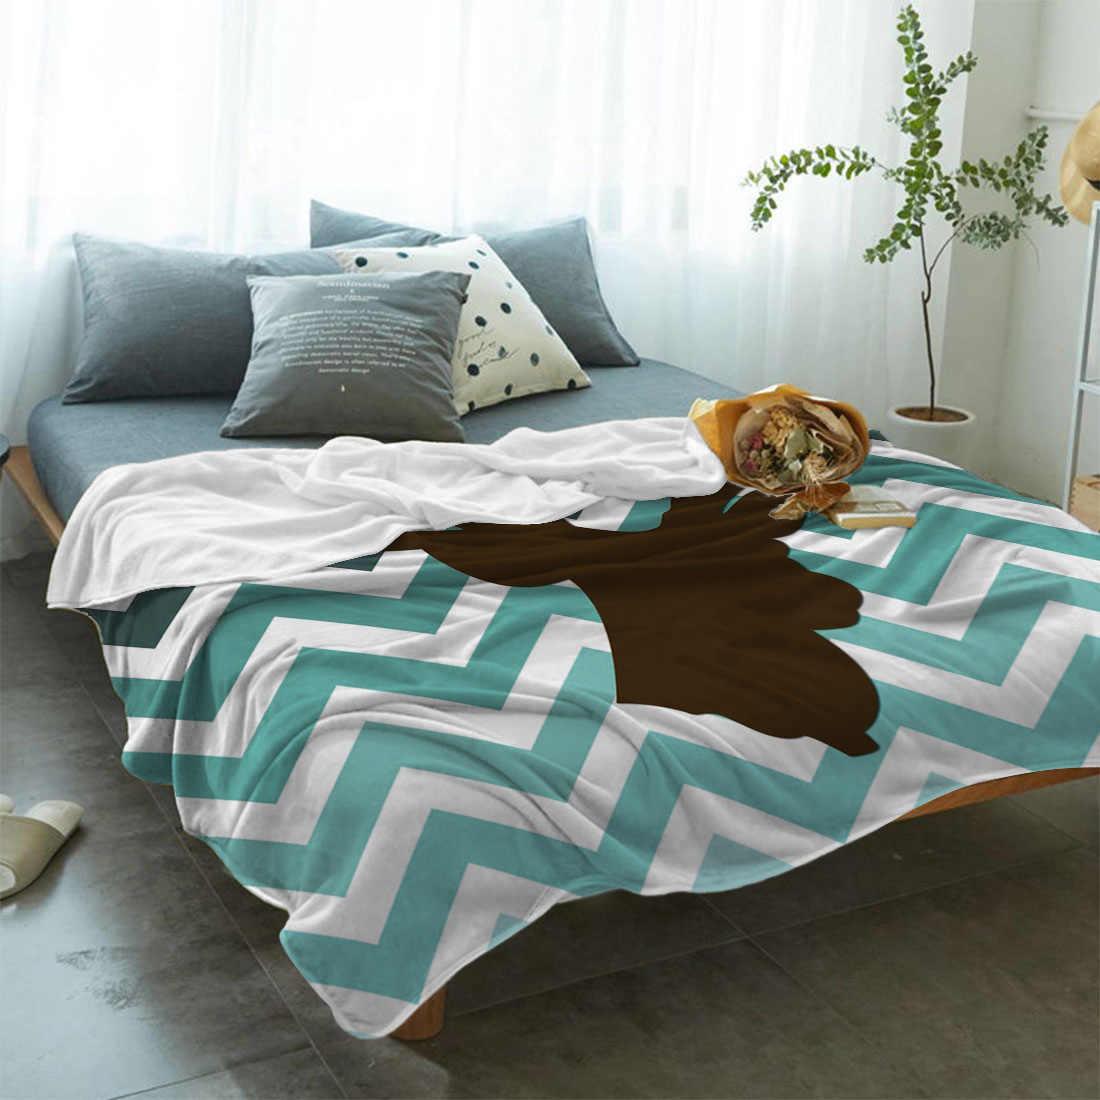 Elk Garis-garis Gradien Latar Belakang Putih Seprai Bed Cover Selimut Selimut Bulu Penutup Tahan Kerut Dekoratif Microdeep